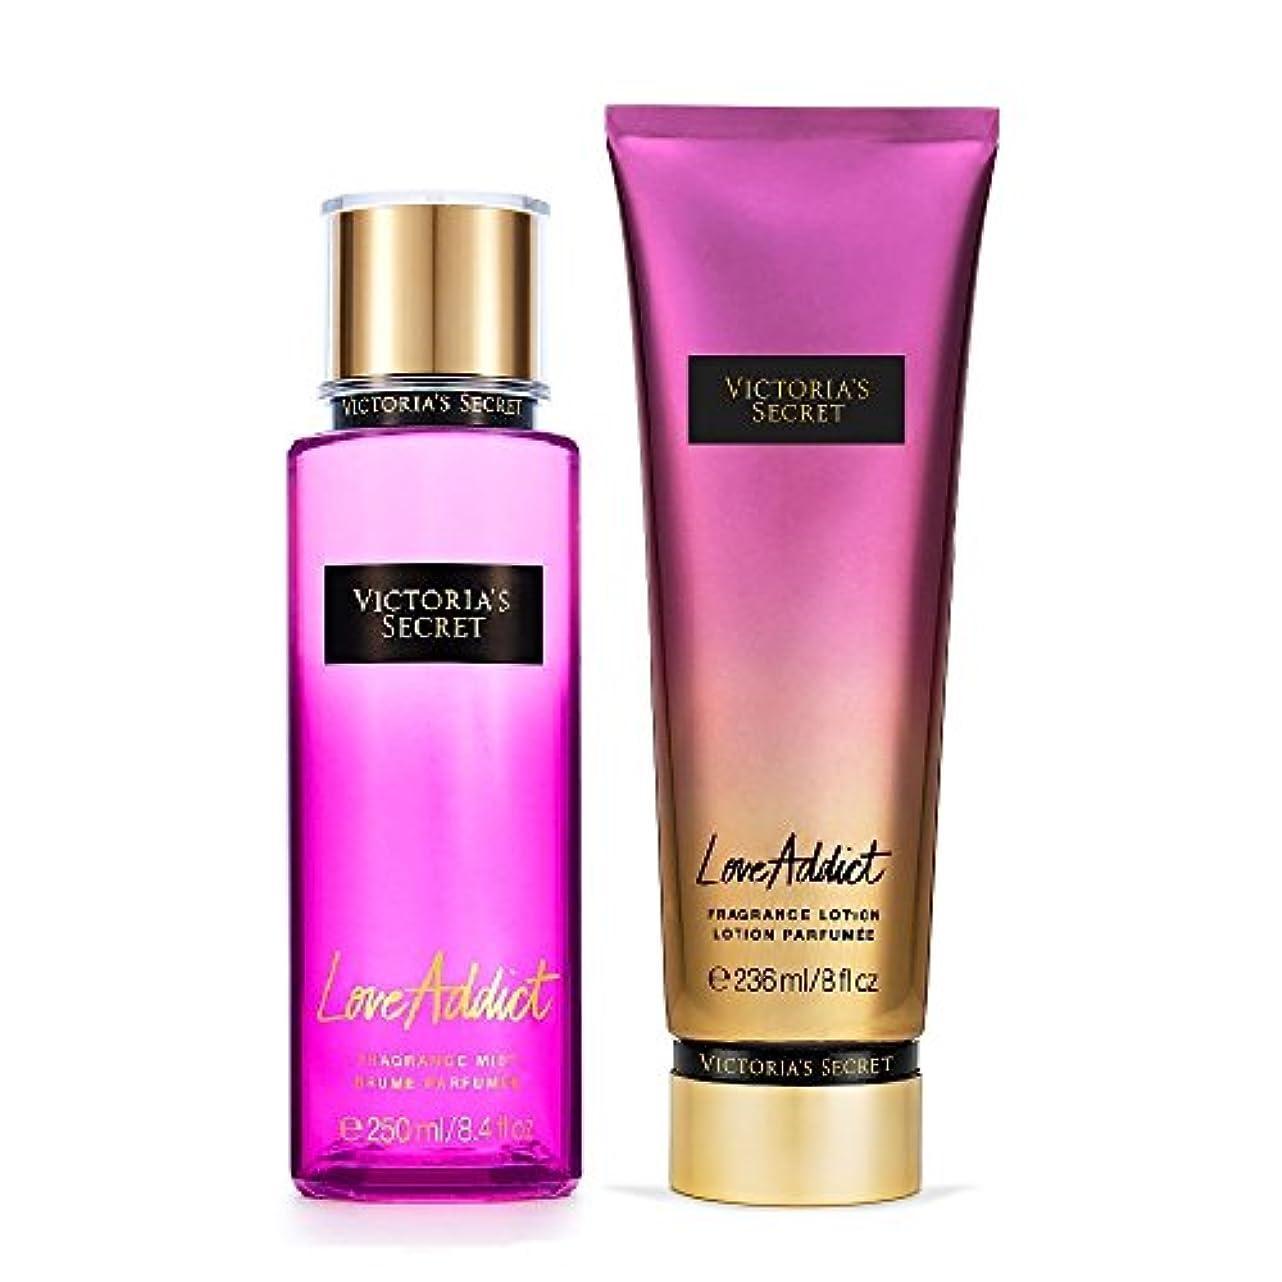 邪魔する線不安フレグランスミスト&フレグランスローション LoveAddict Victoria'sSecretFantasies FragranceMist & FragranceLotion ヴィクトリアズシークレット Victoria'sSecret...